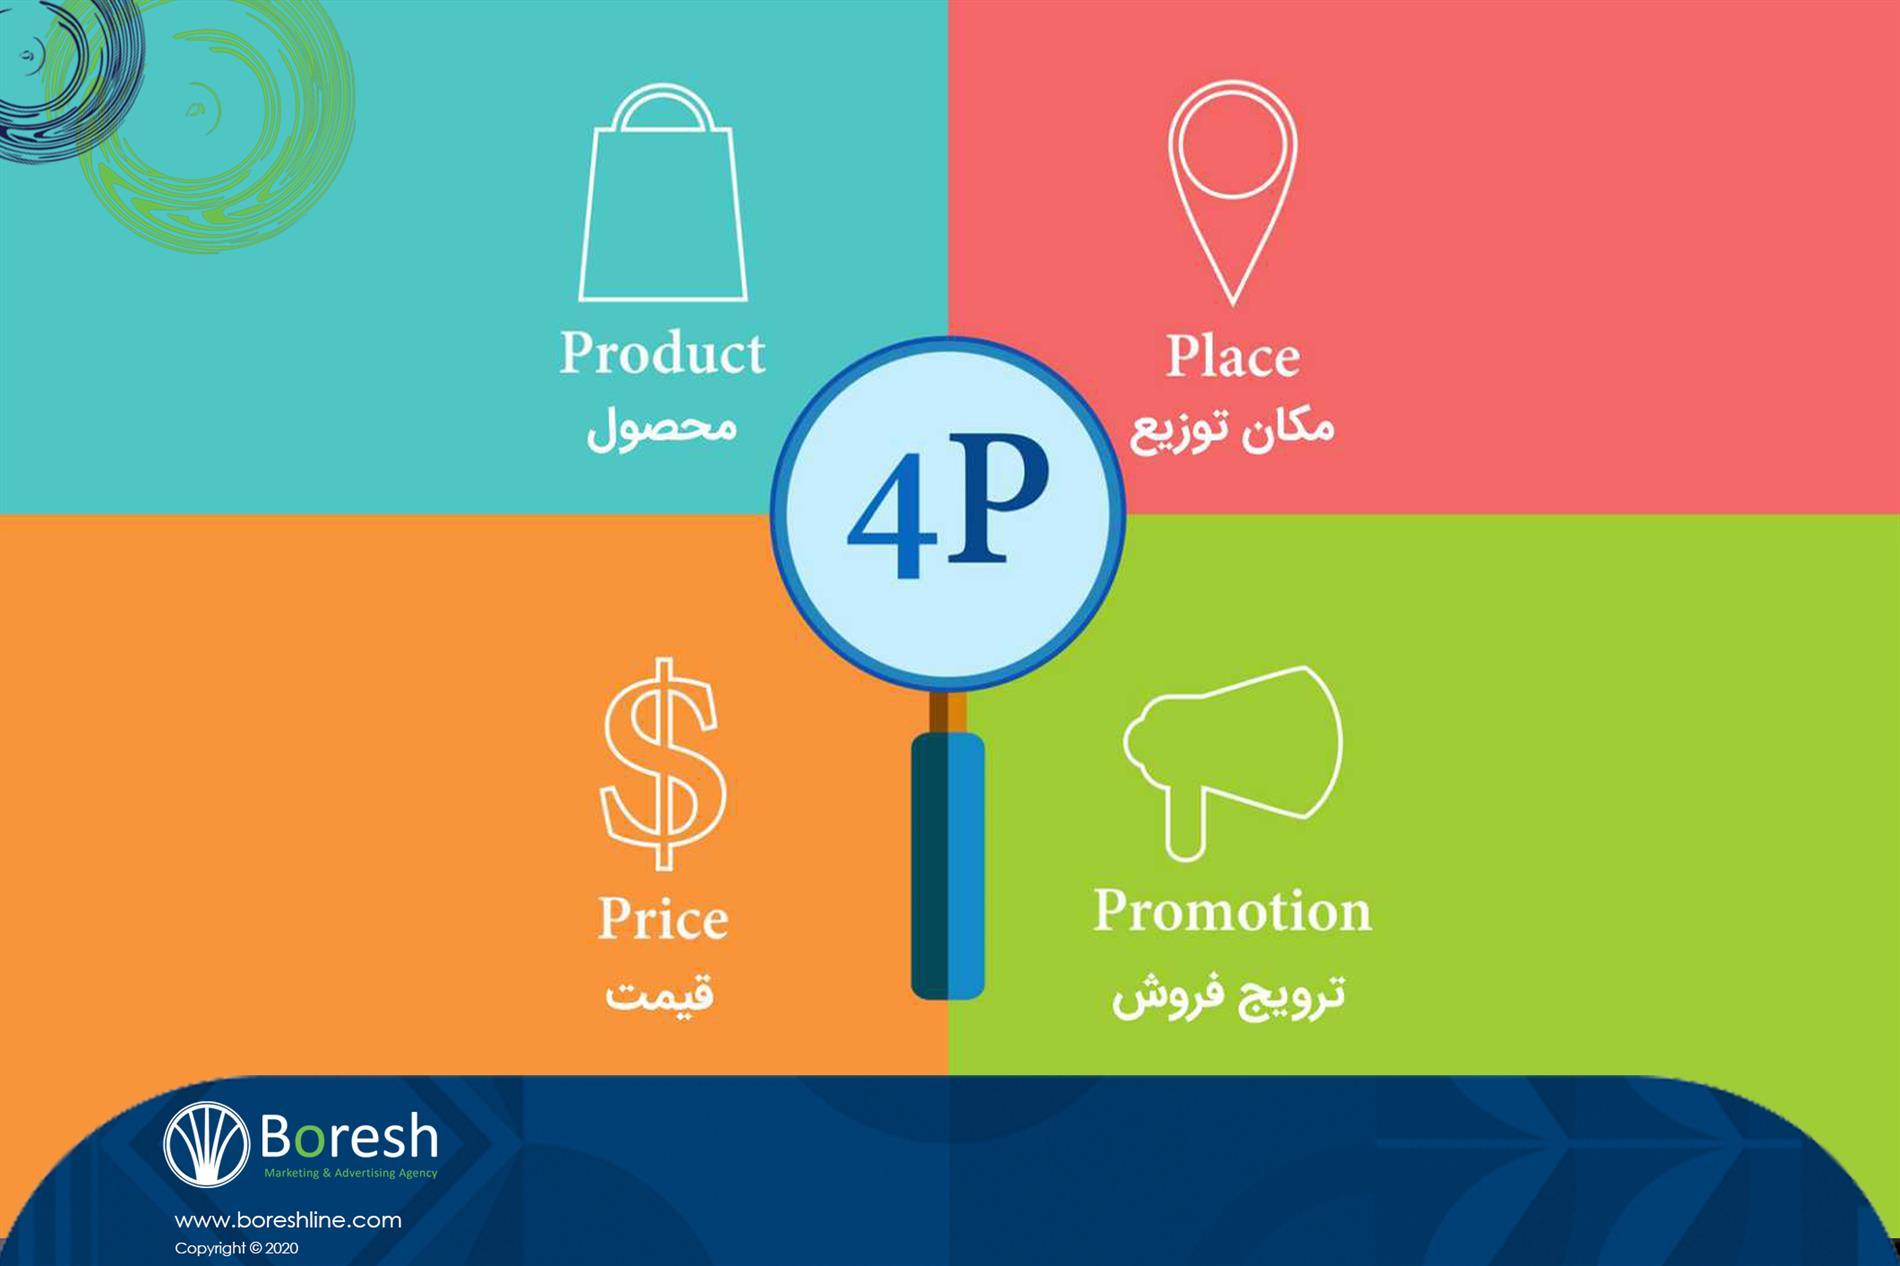 تعریف ساده از الگوی 4P برای بازاریابان و فروشندگان - گروه برندسازی، تبلیغات،بازاریابی و توسعه کسب و کار برش